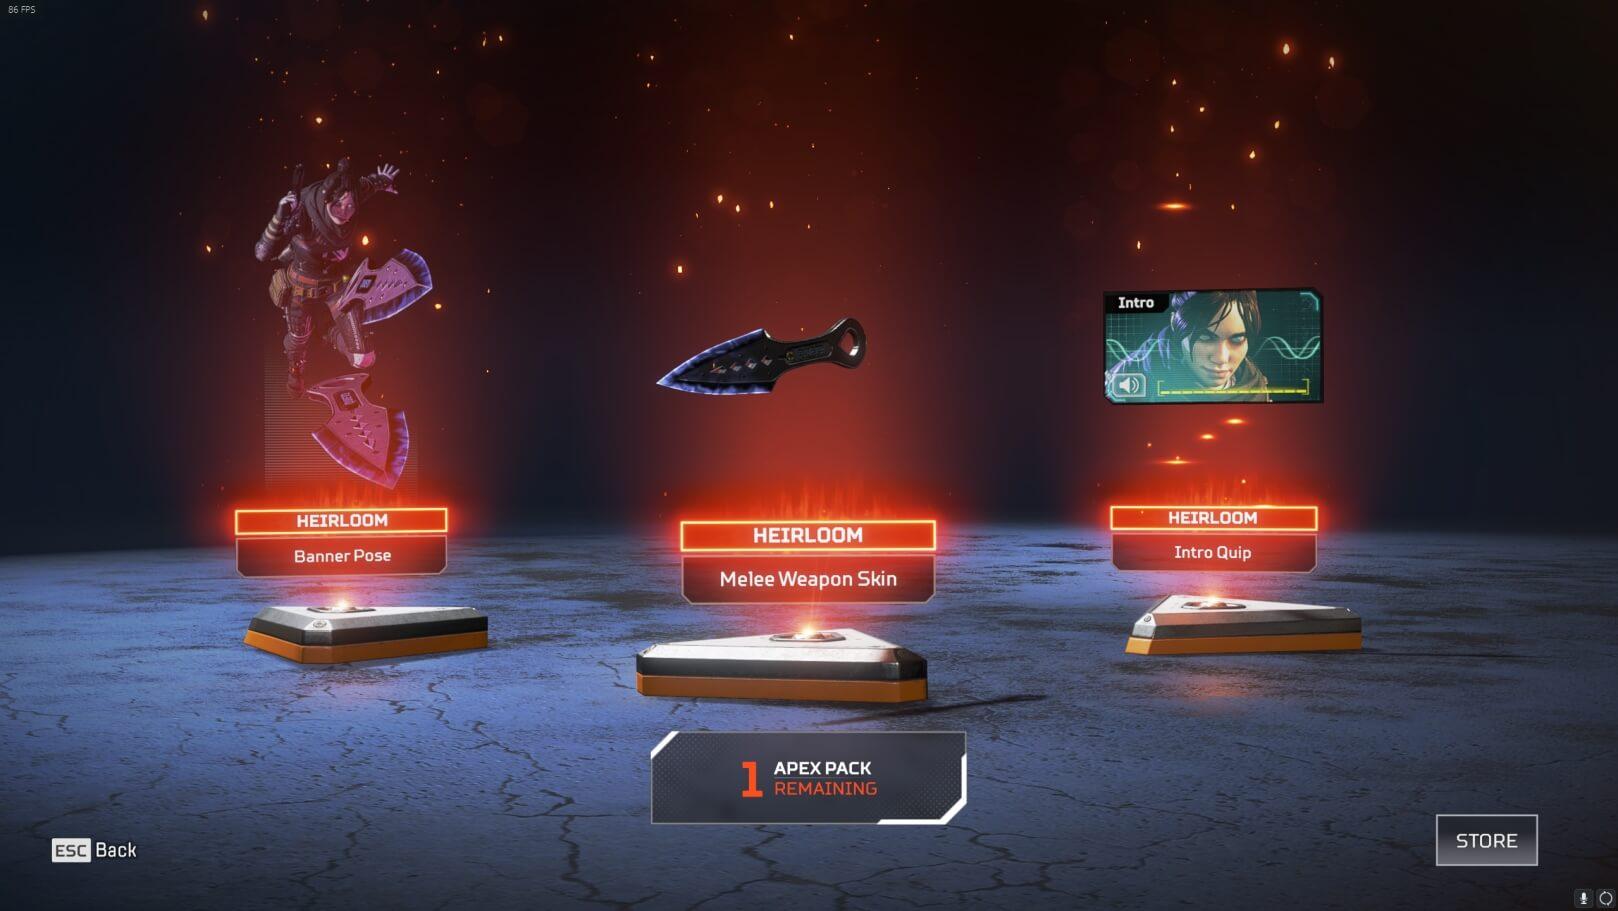 Wraith's heirloom set